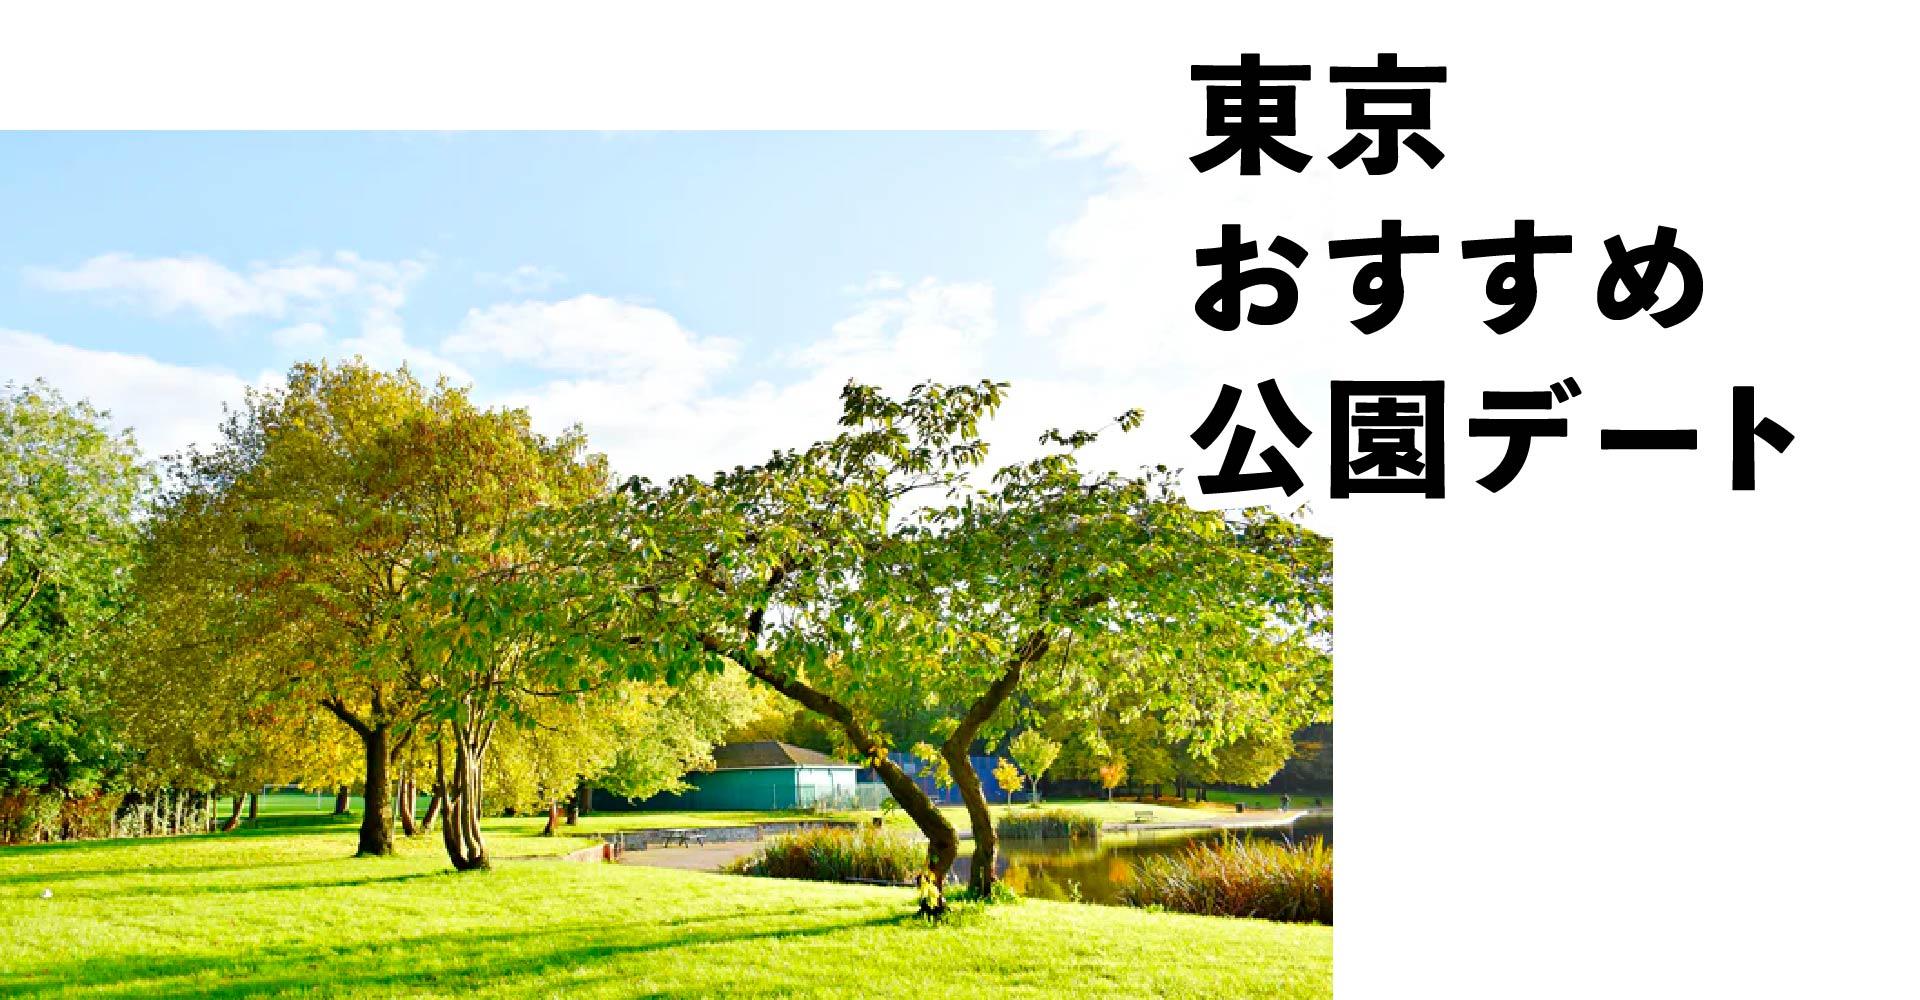 【東京】おすすめ公園ゆるデート。夫婦関係を深めるデートアイデア その1アイキャッチ